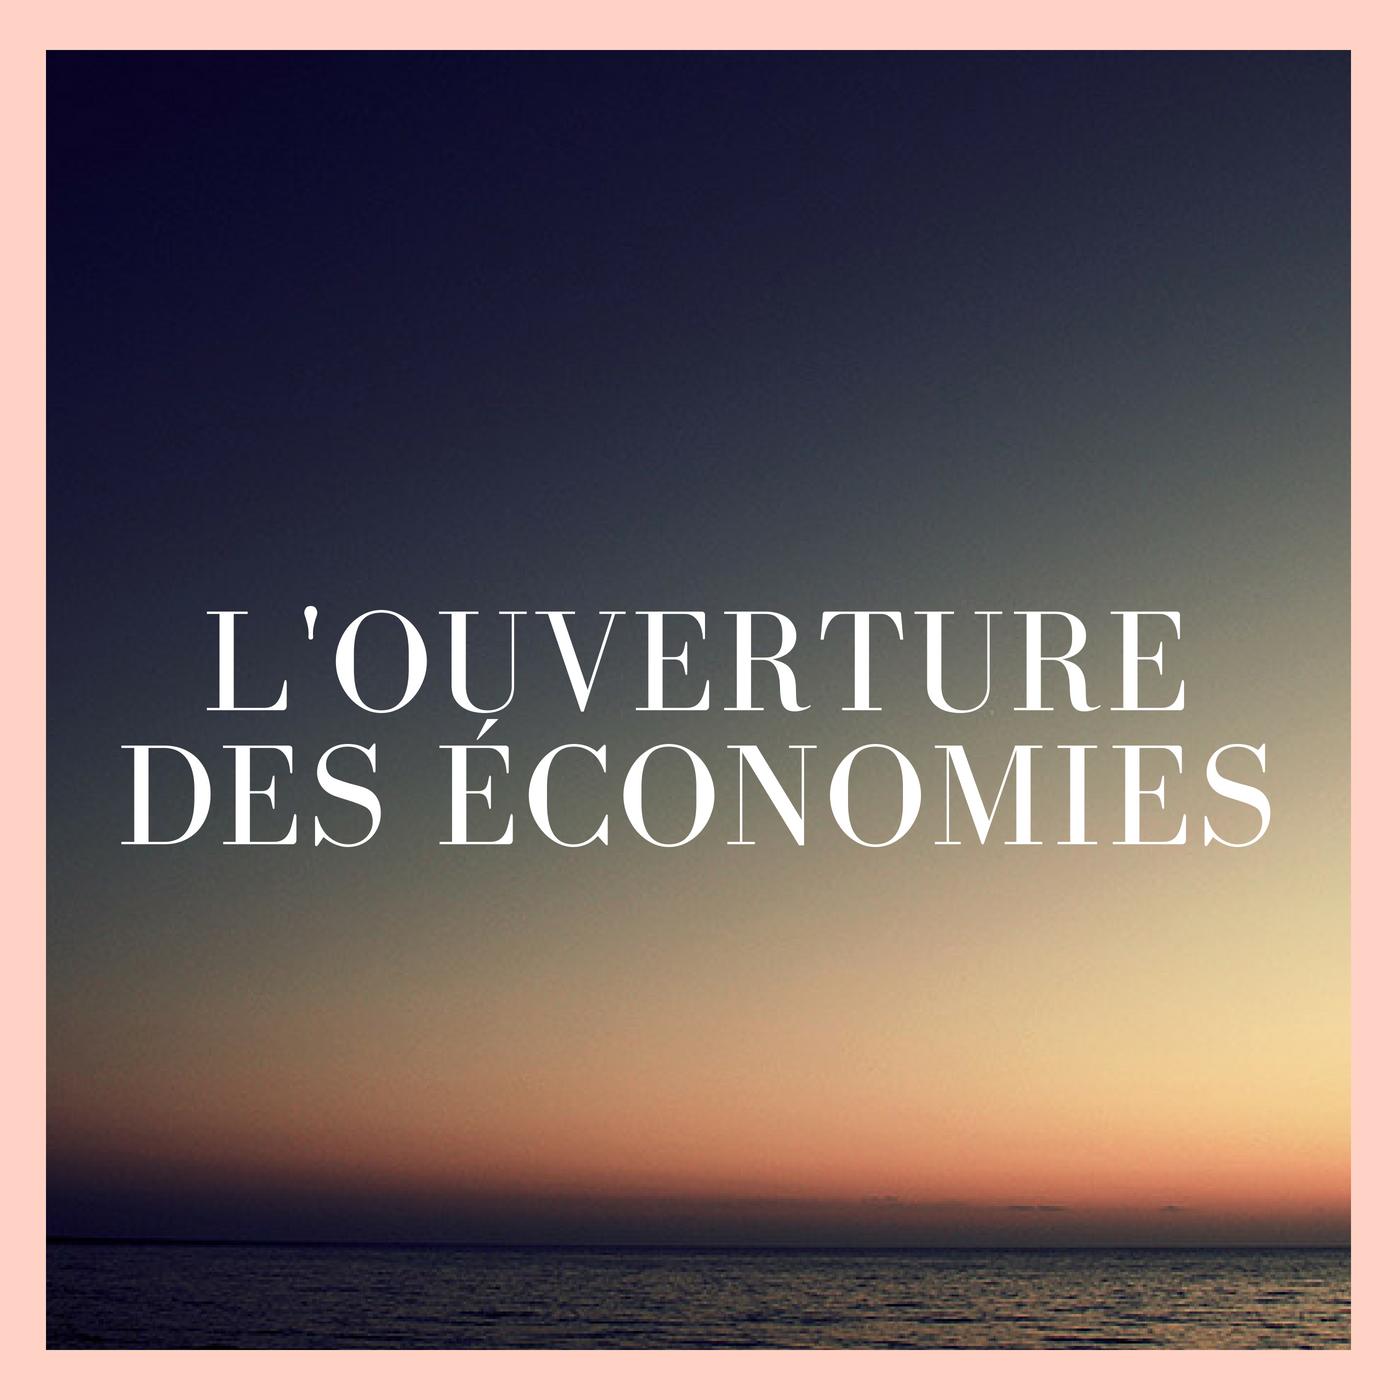 L'ouverture des économies